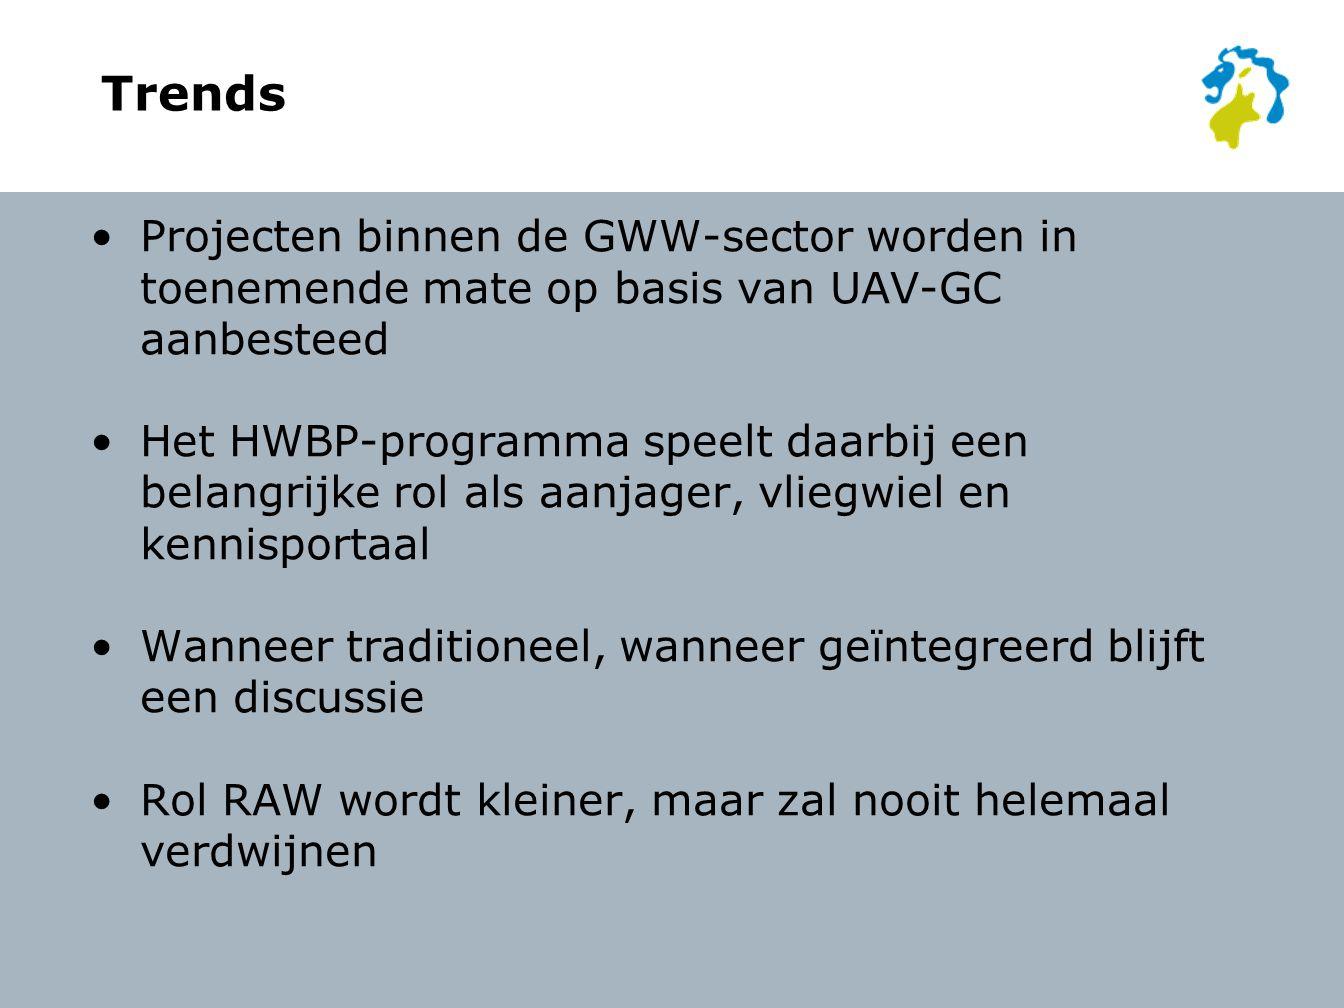 Trends Projecten binnen de GWW-sector worden in toenemende mate op basis van UAV-GC aanbesteed Het HWBP-programma speelt daarbij een belangrijke rol als aanjager, vliegwiel en kennisportaal Wanneer traditioneel, wanneer geïntegreerd blijft een discussie Rol RAW wordt kleiner, maar zal nooit helemaal verdwijnen